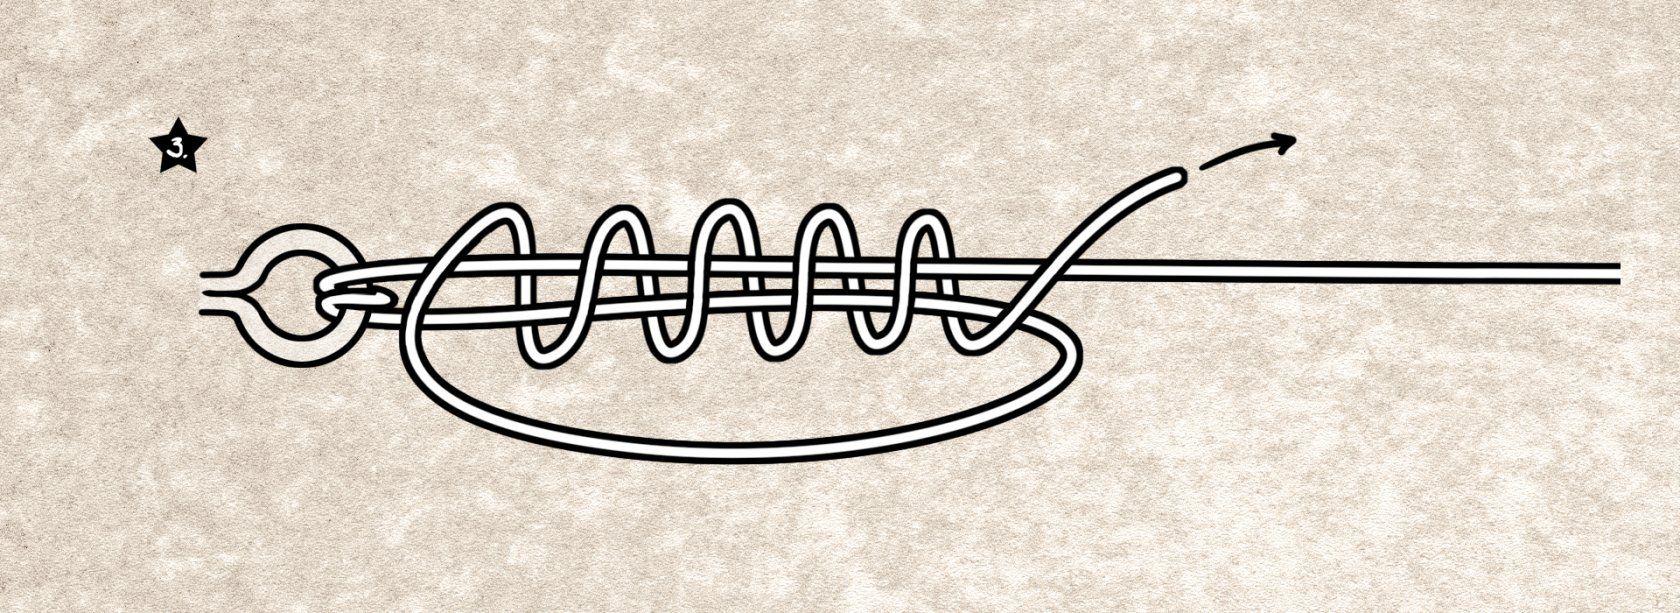 Grinner Knoten Angelknoten Knoten Und Angeln